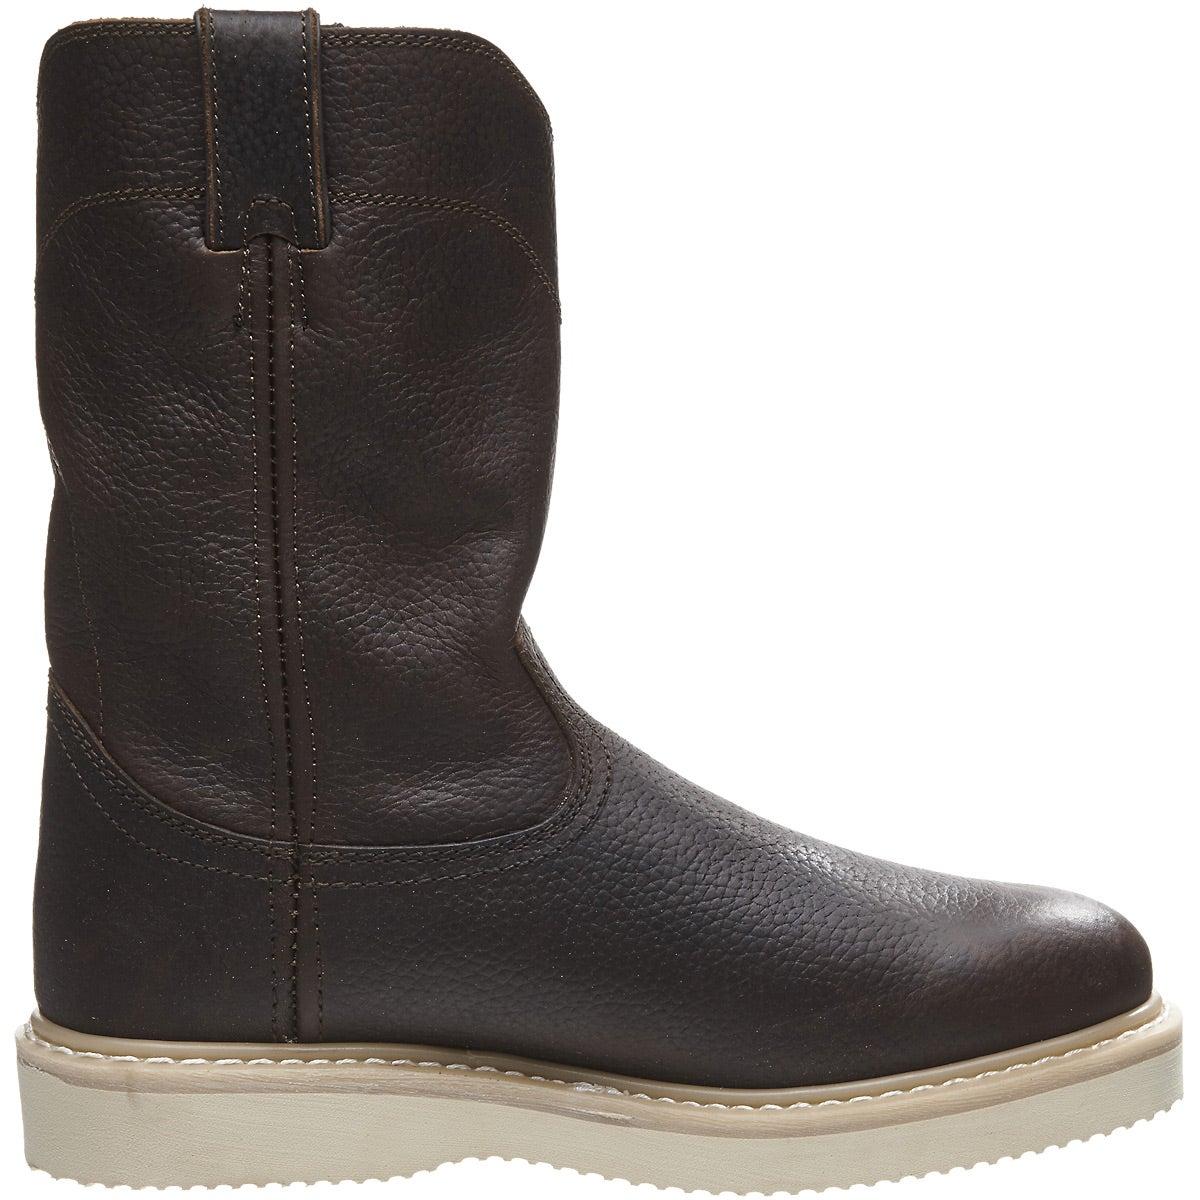 Light Work Mens Boots: Justin Men's Axe Tan Light Duty Work Boots